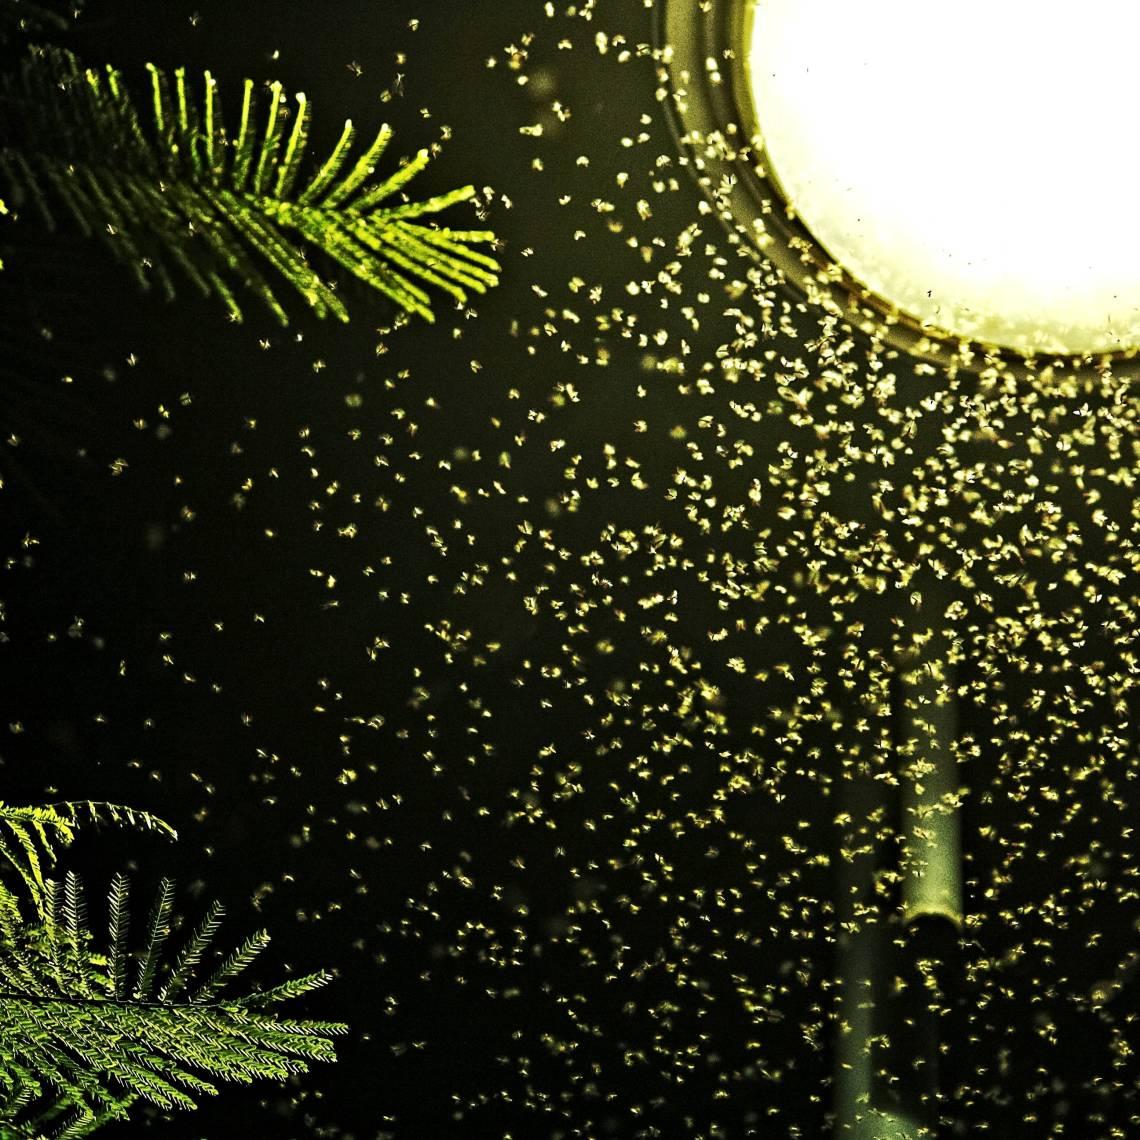 Night Lifesqlq